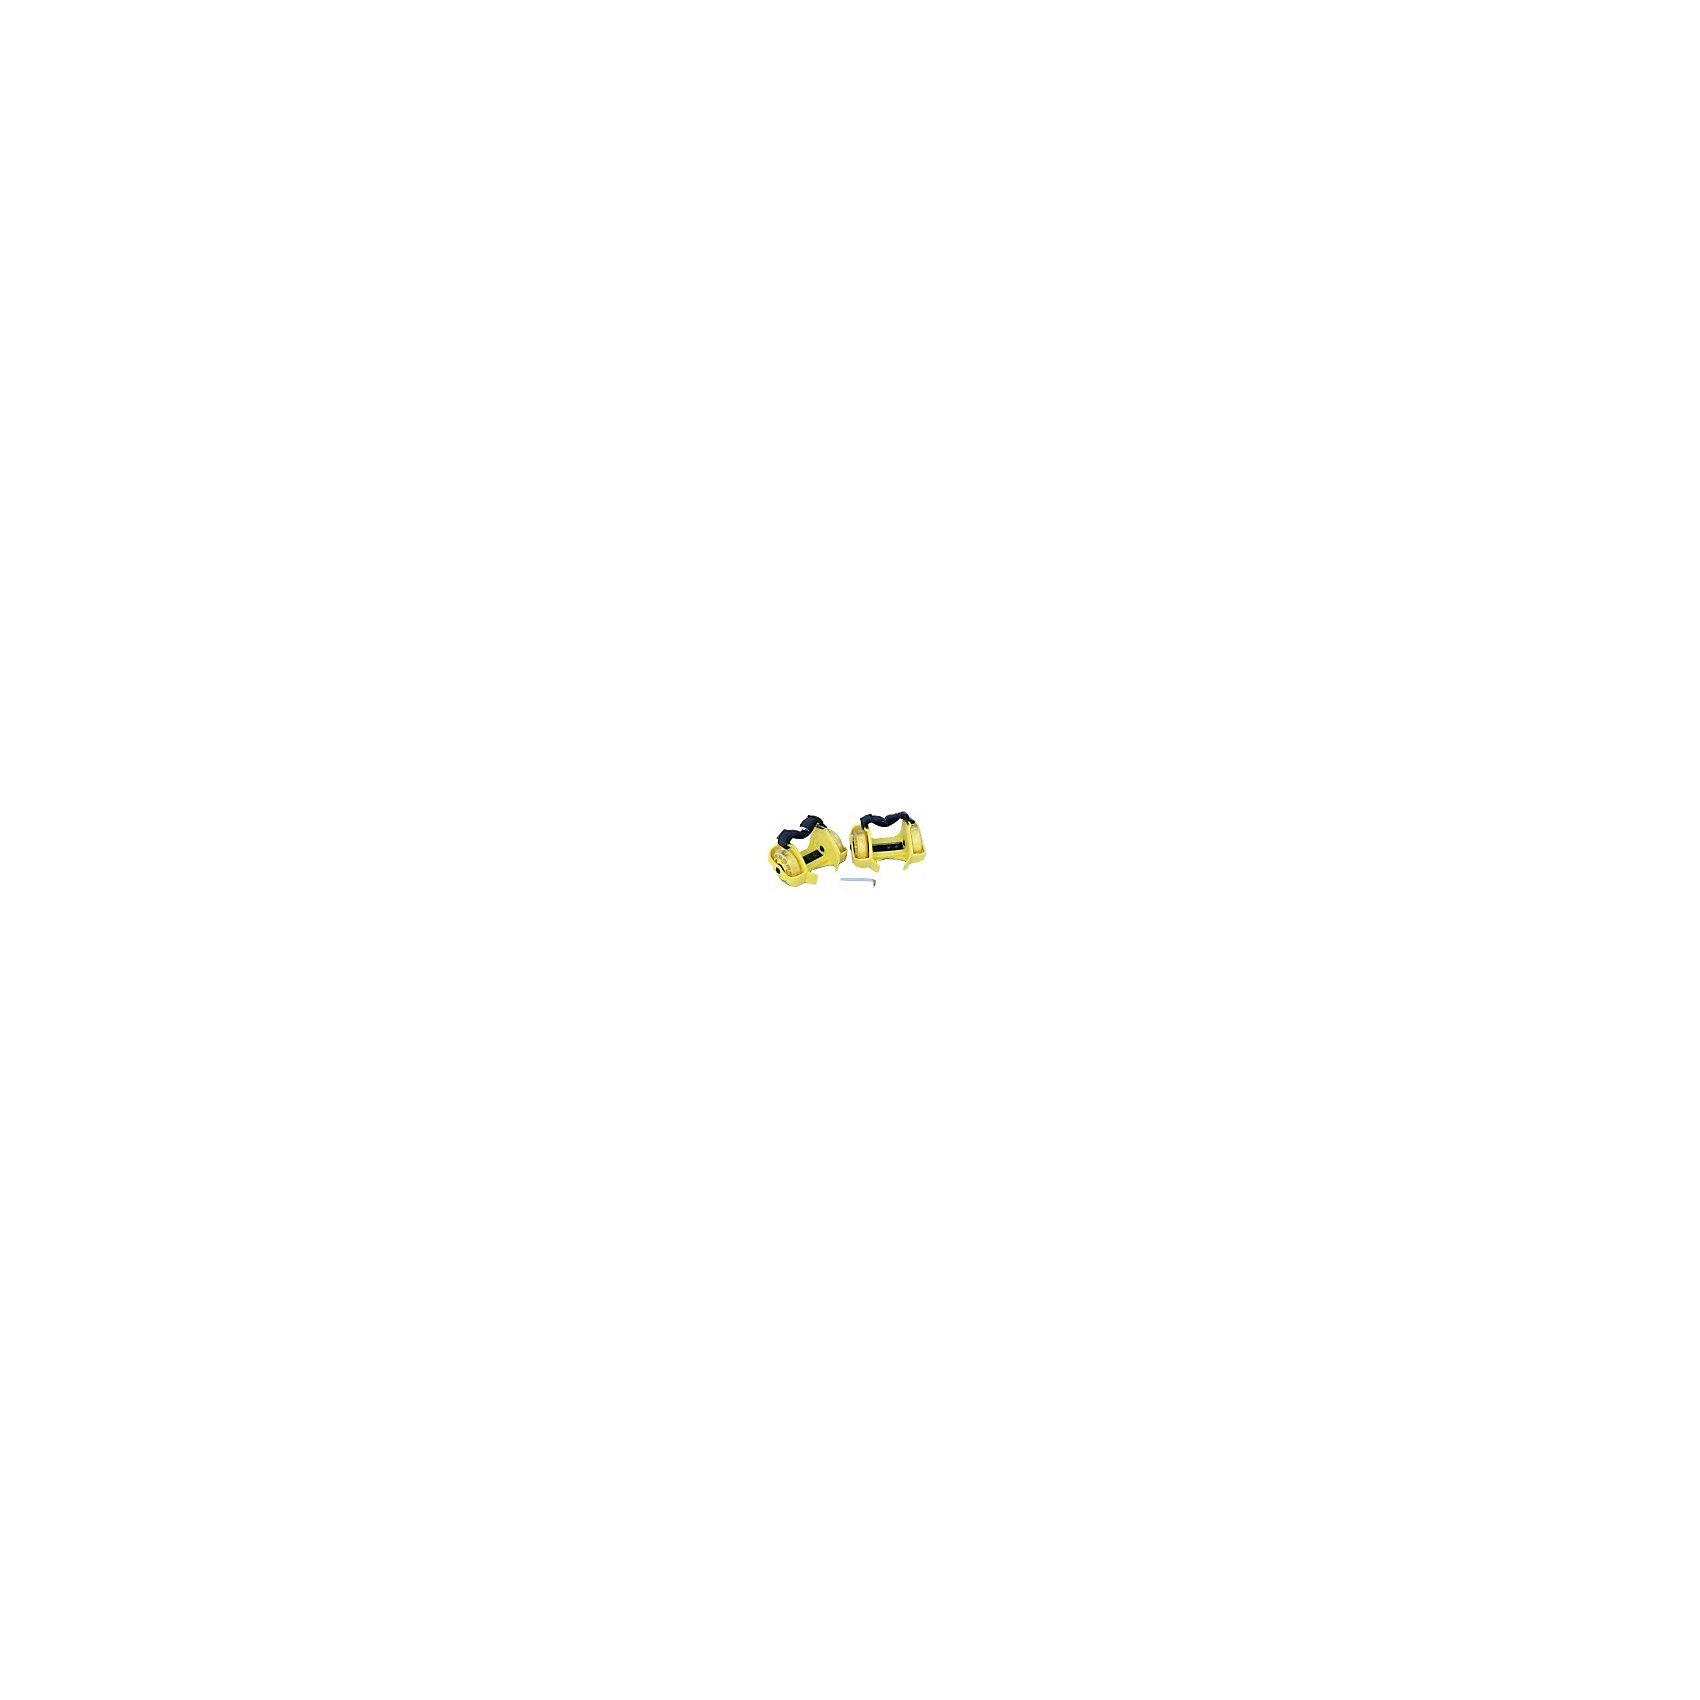 Ролики на обувь Старт, желтые